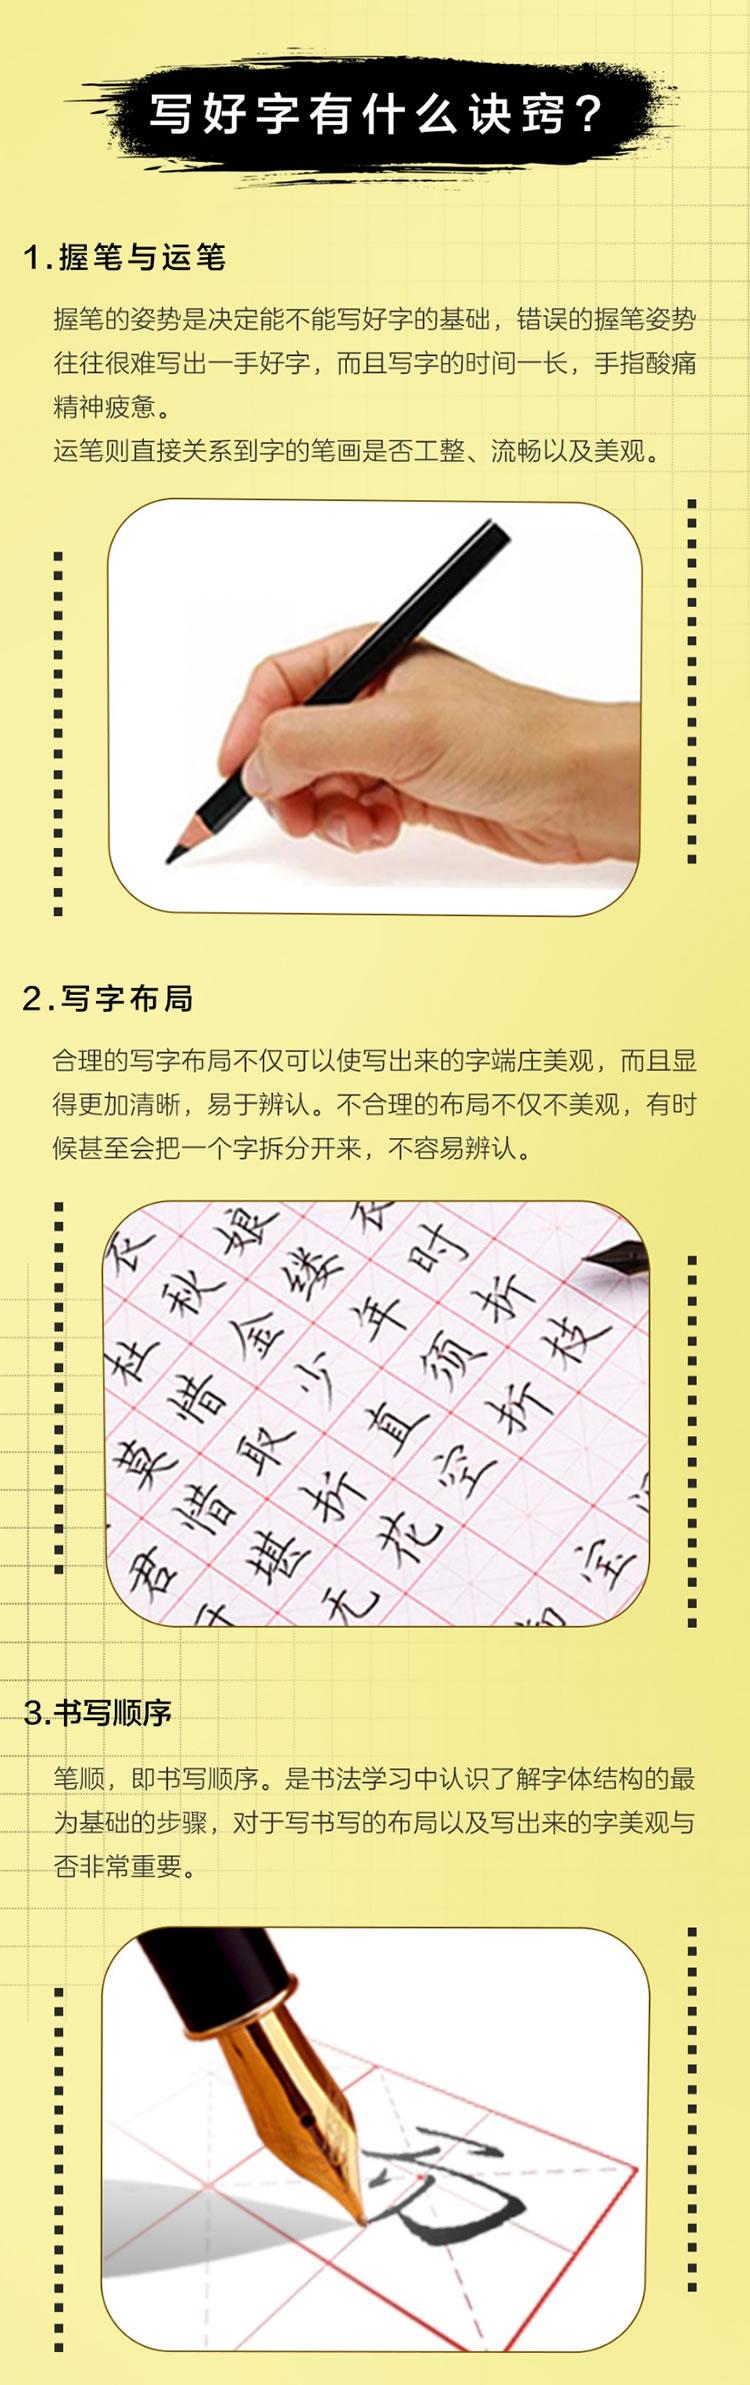 丁永康讲中小学生硬笔书法详情2.jpg